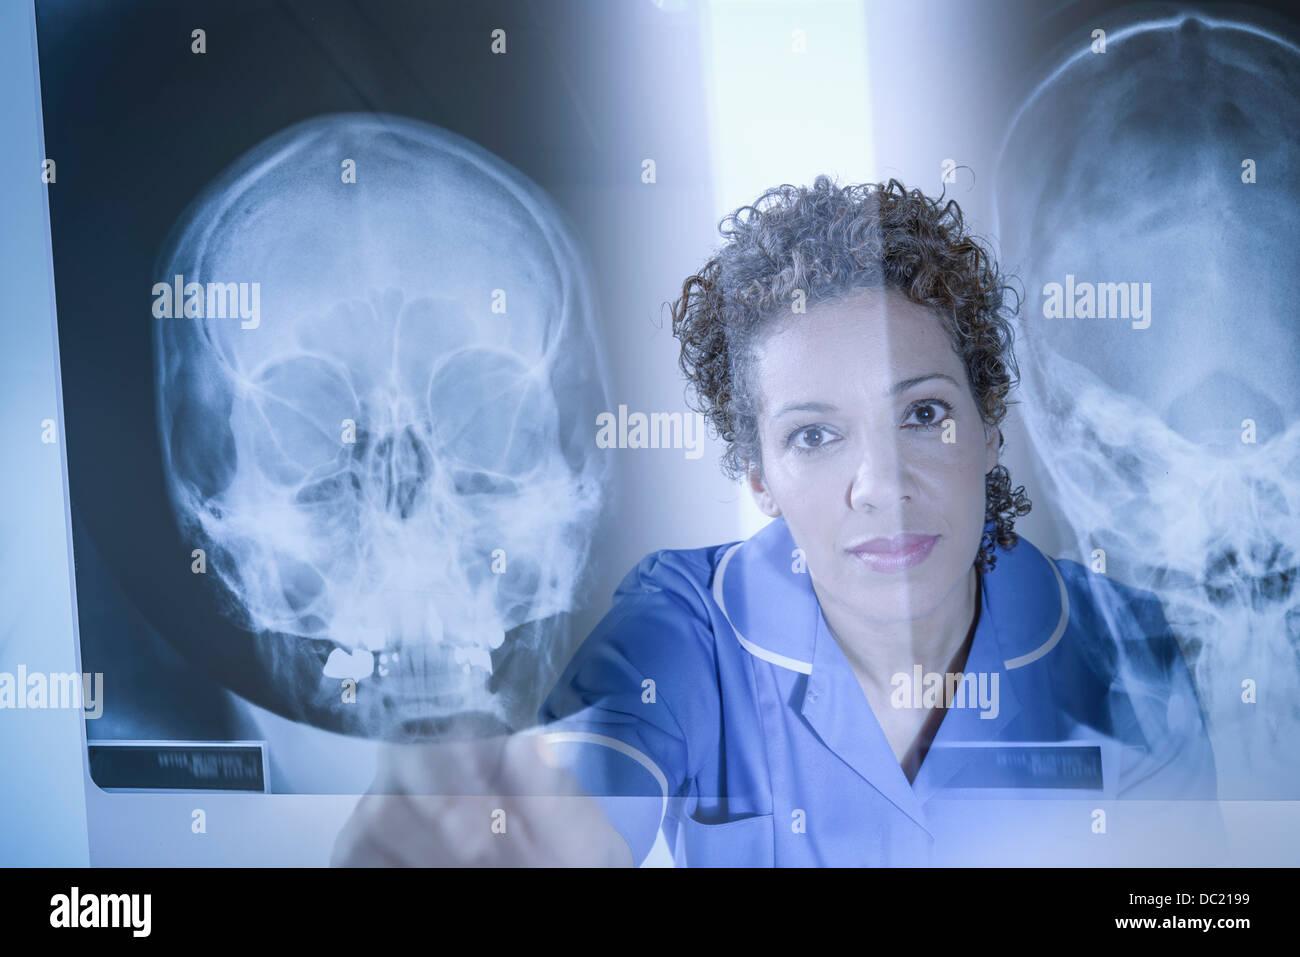 Krankenschwester auf Xray Ergebnisse auf dem Bildschirm angezeigt Stockbild